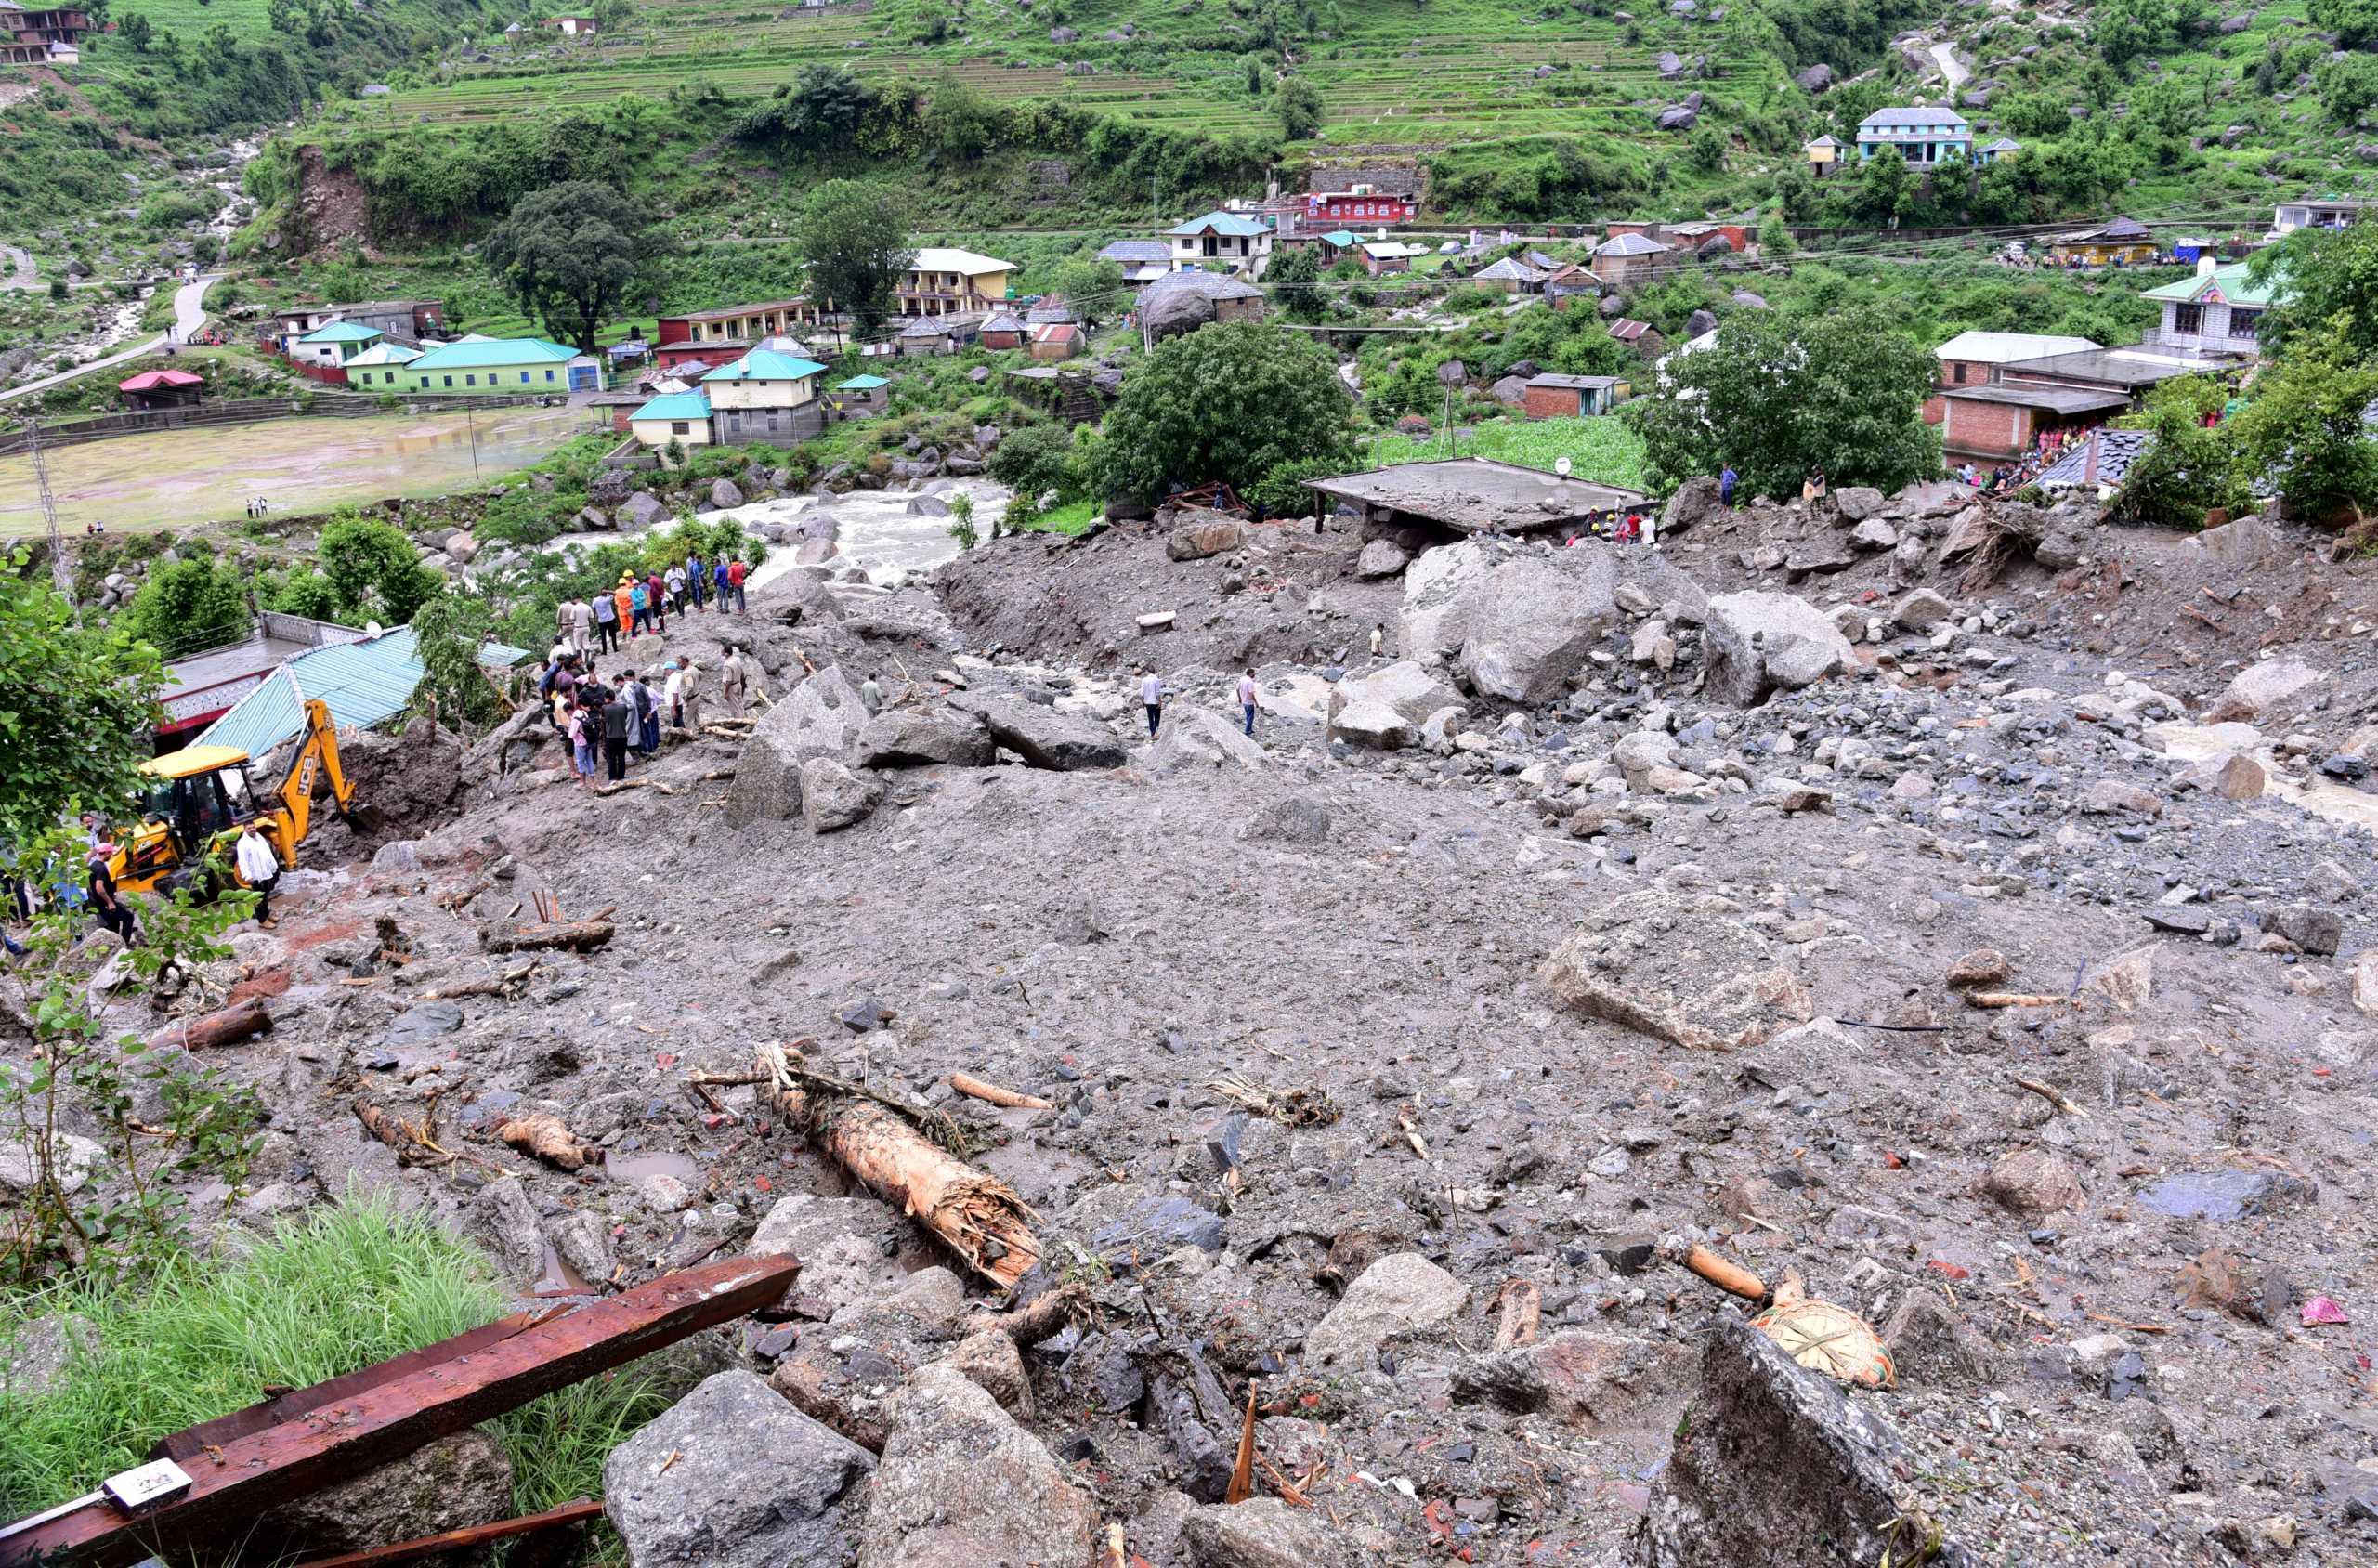 Ινδία: 115 οι νεκροί από τις πλημμύρες – Απανωτές κατολισθήσεις και κατάρρευση φραγμάτων